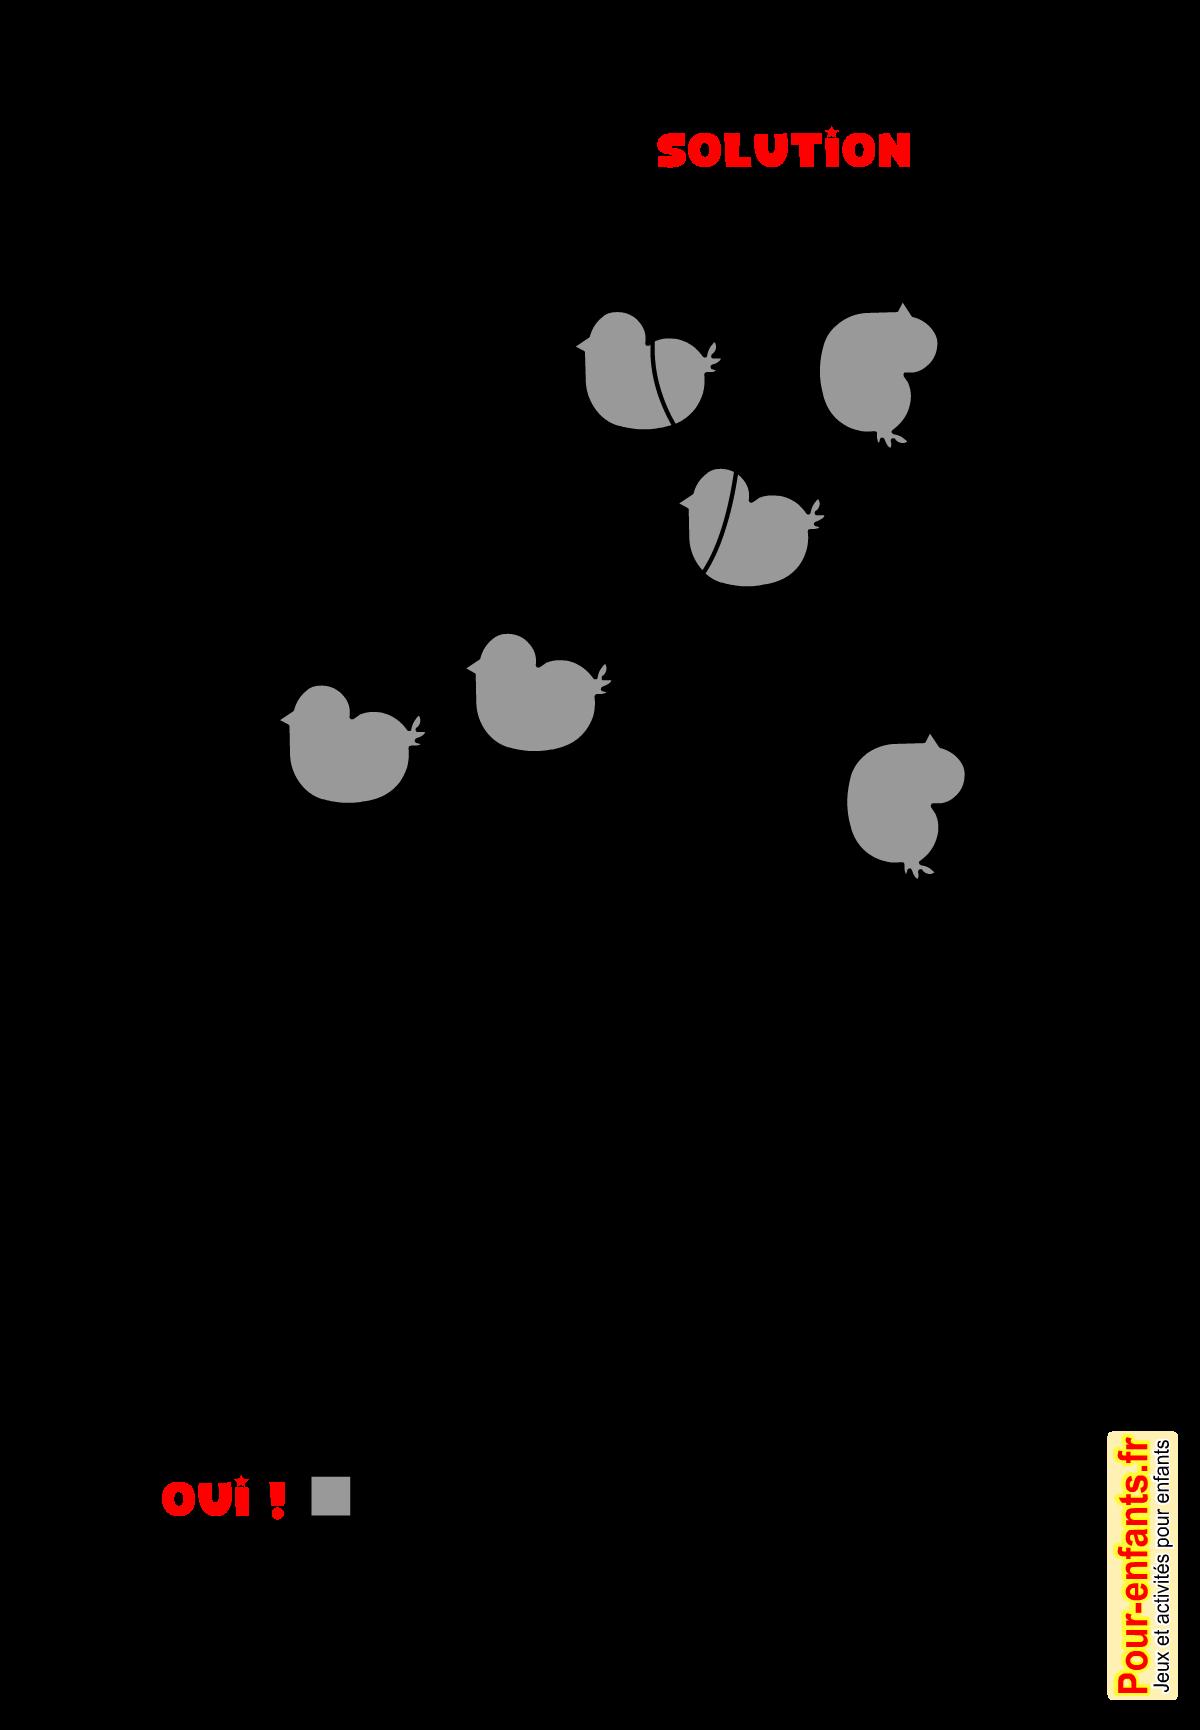 Jeux de p ques imprimer solution jeu d 39 observation gratuit paques enfants jeux de p ques - Images de paques a imprimer ...